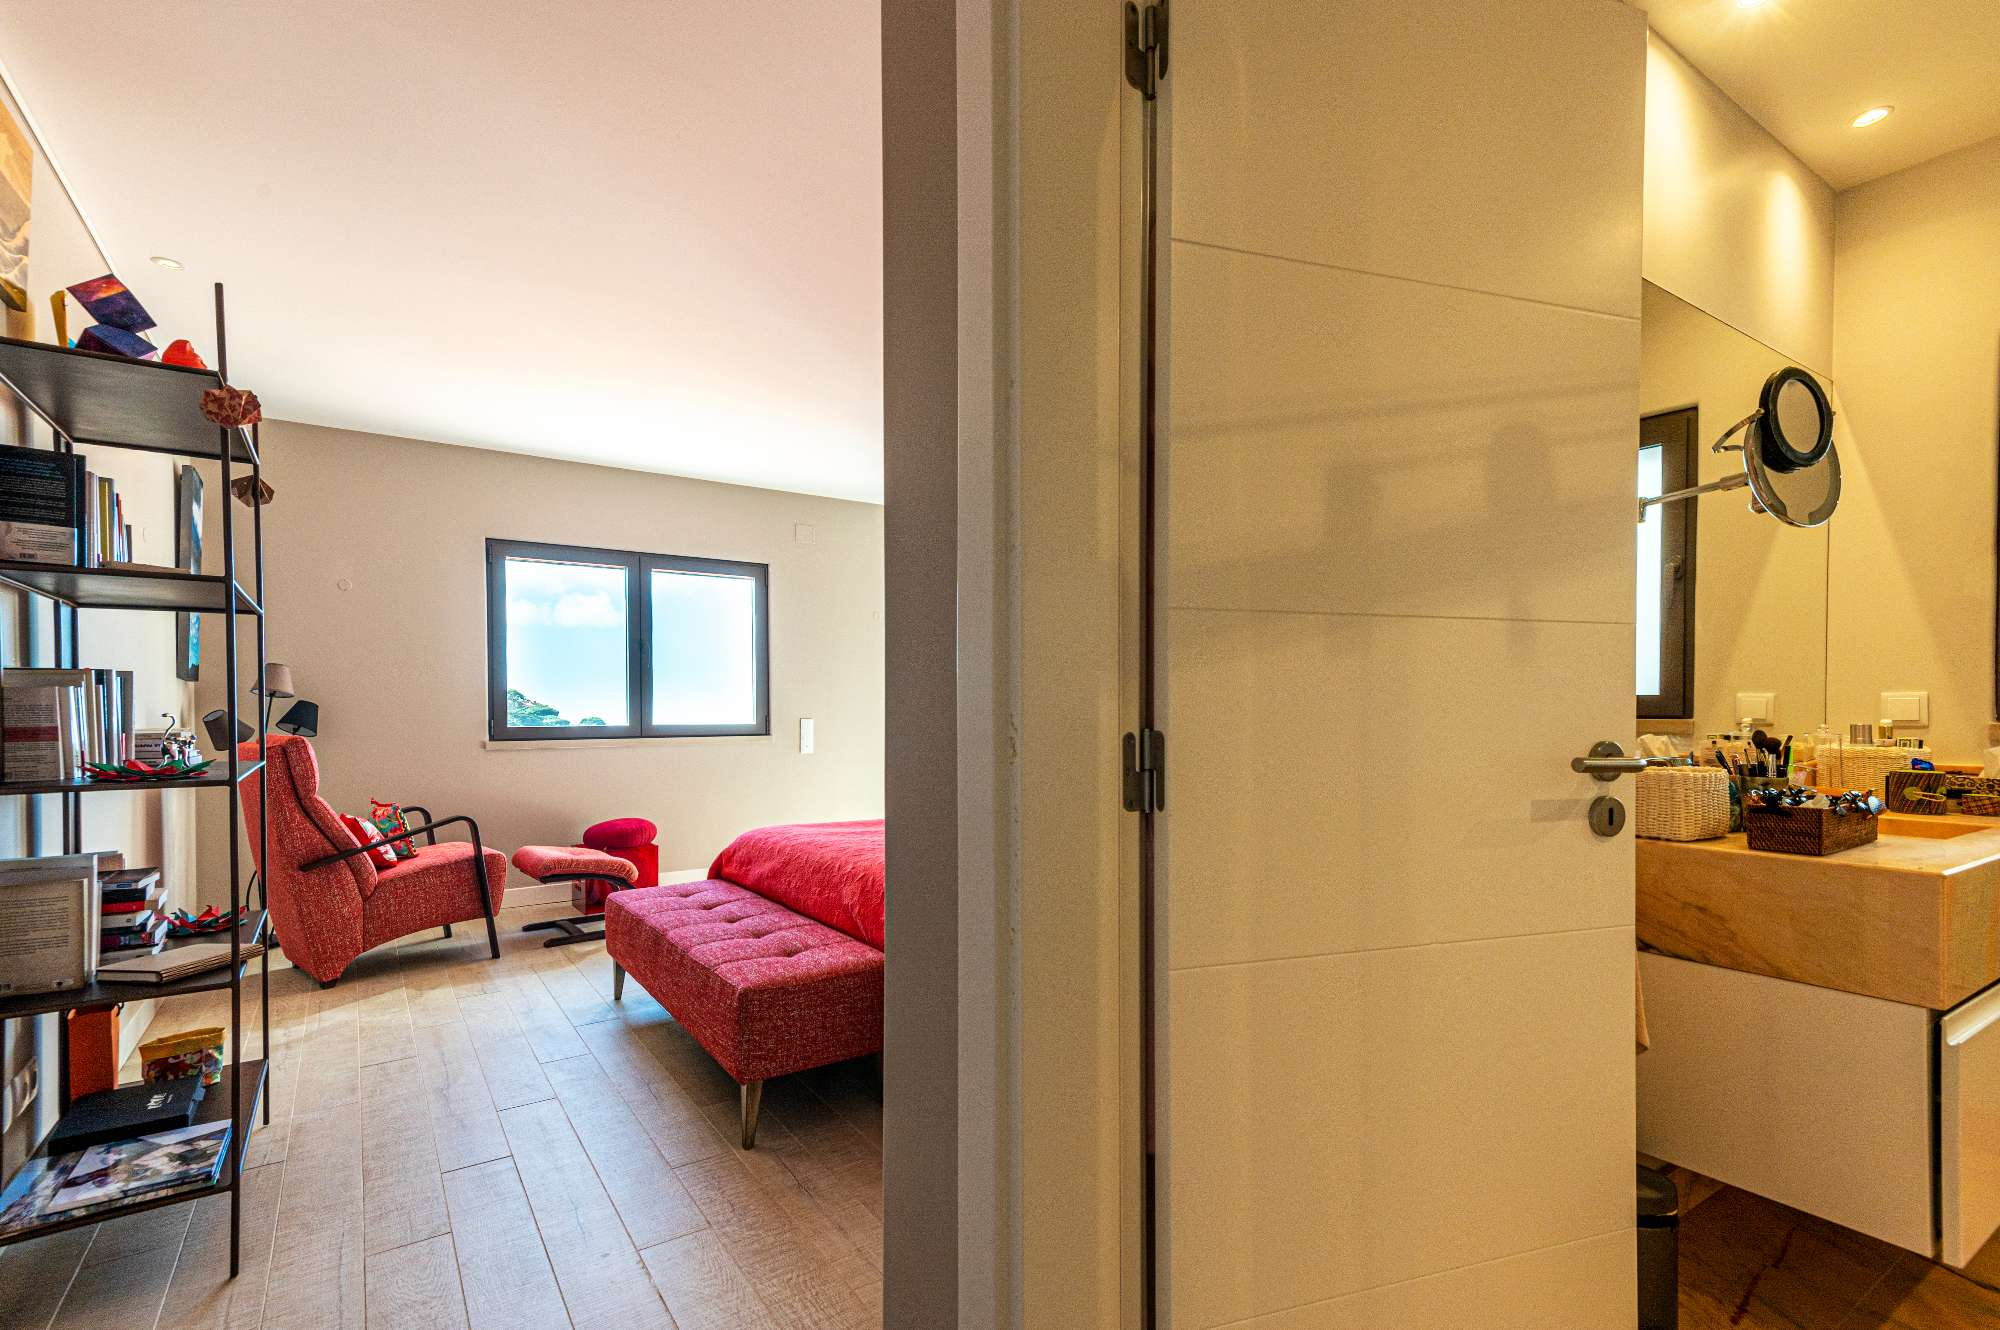 Maison normal 5 pièces, Cascais